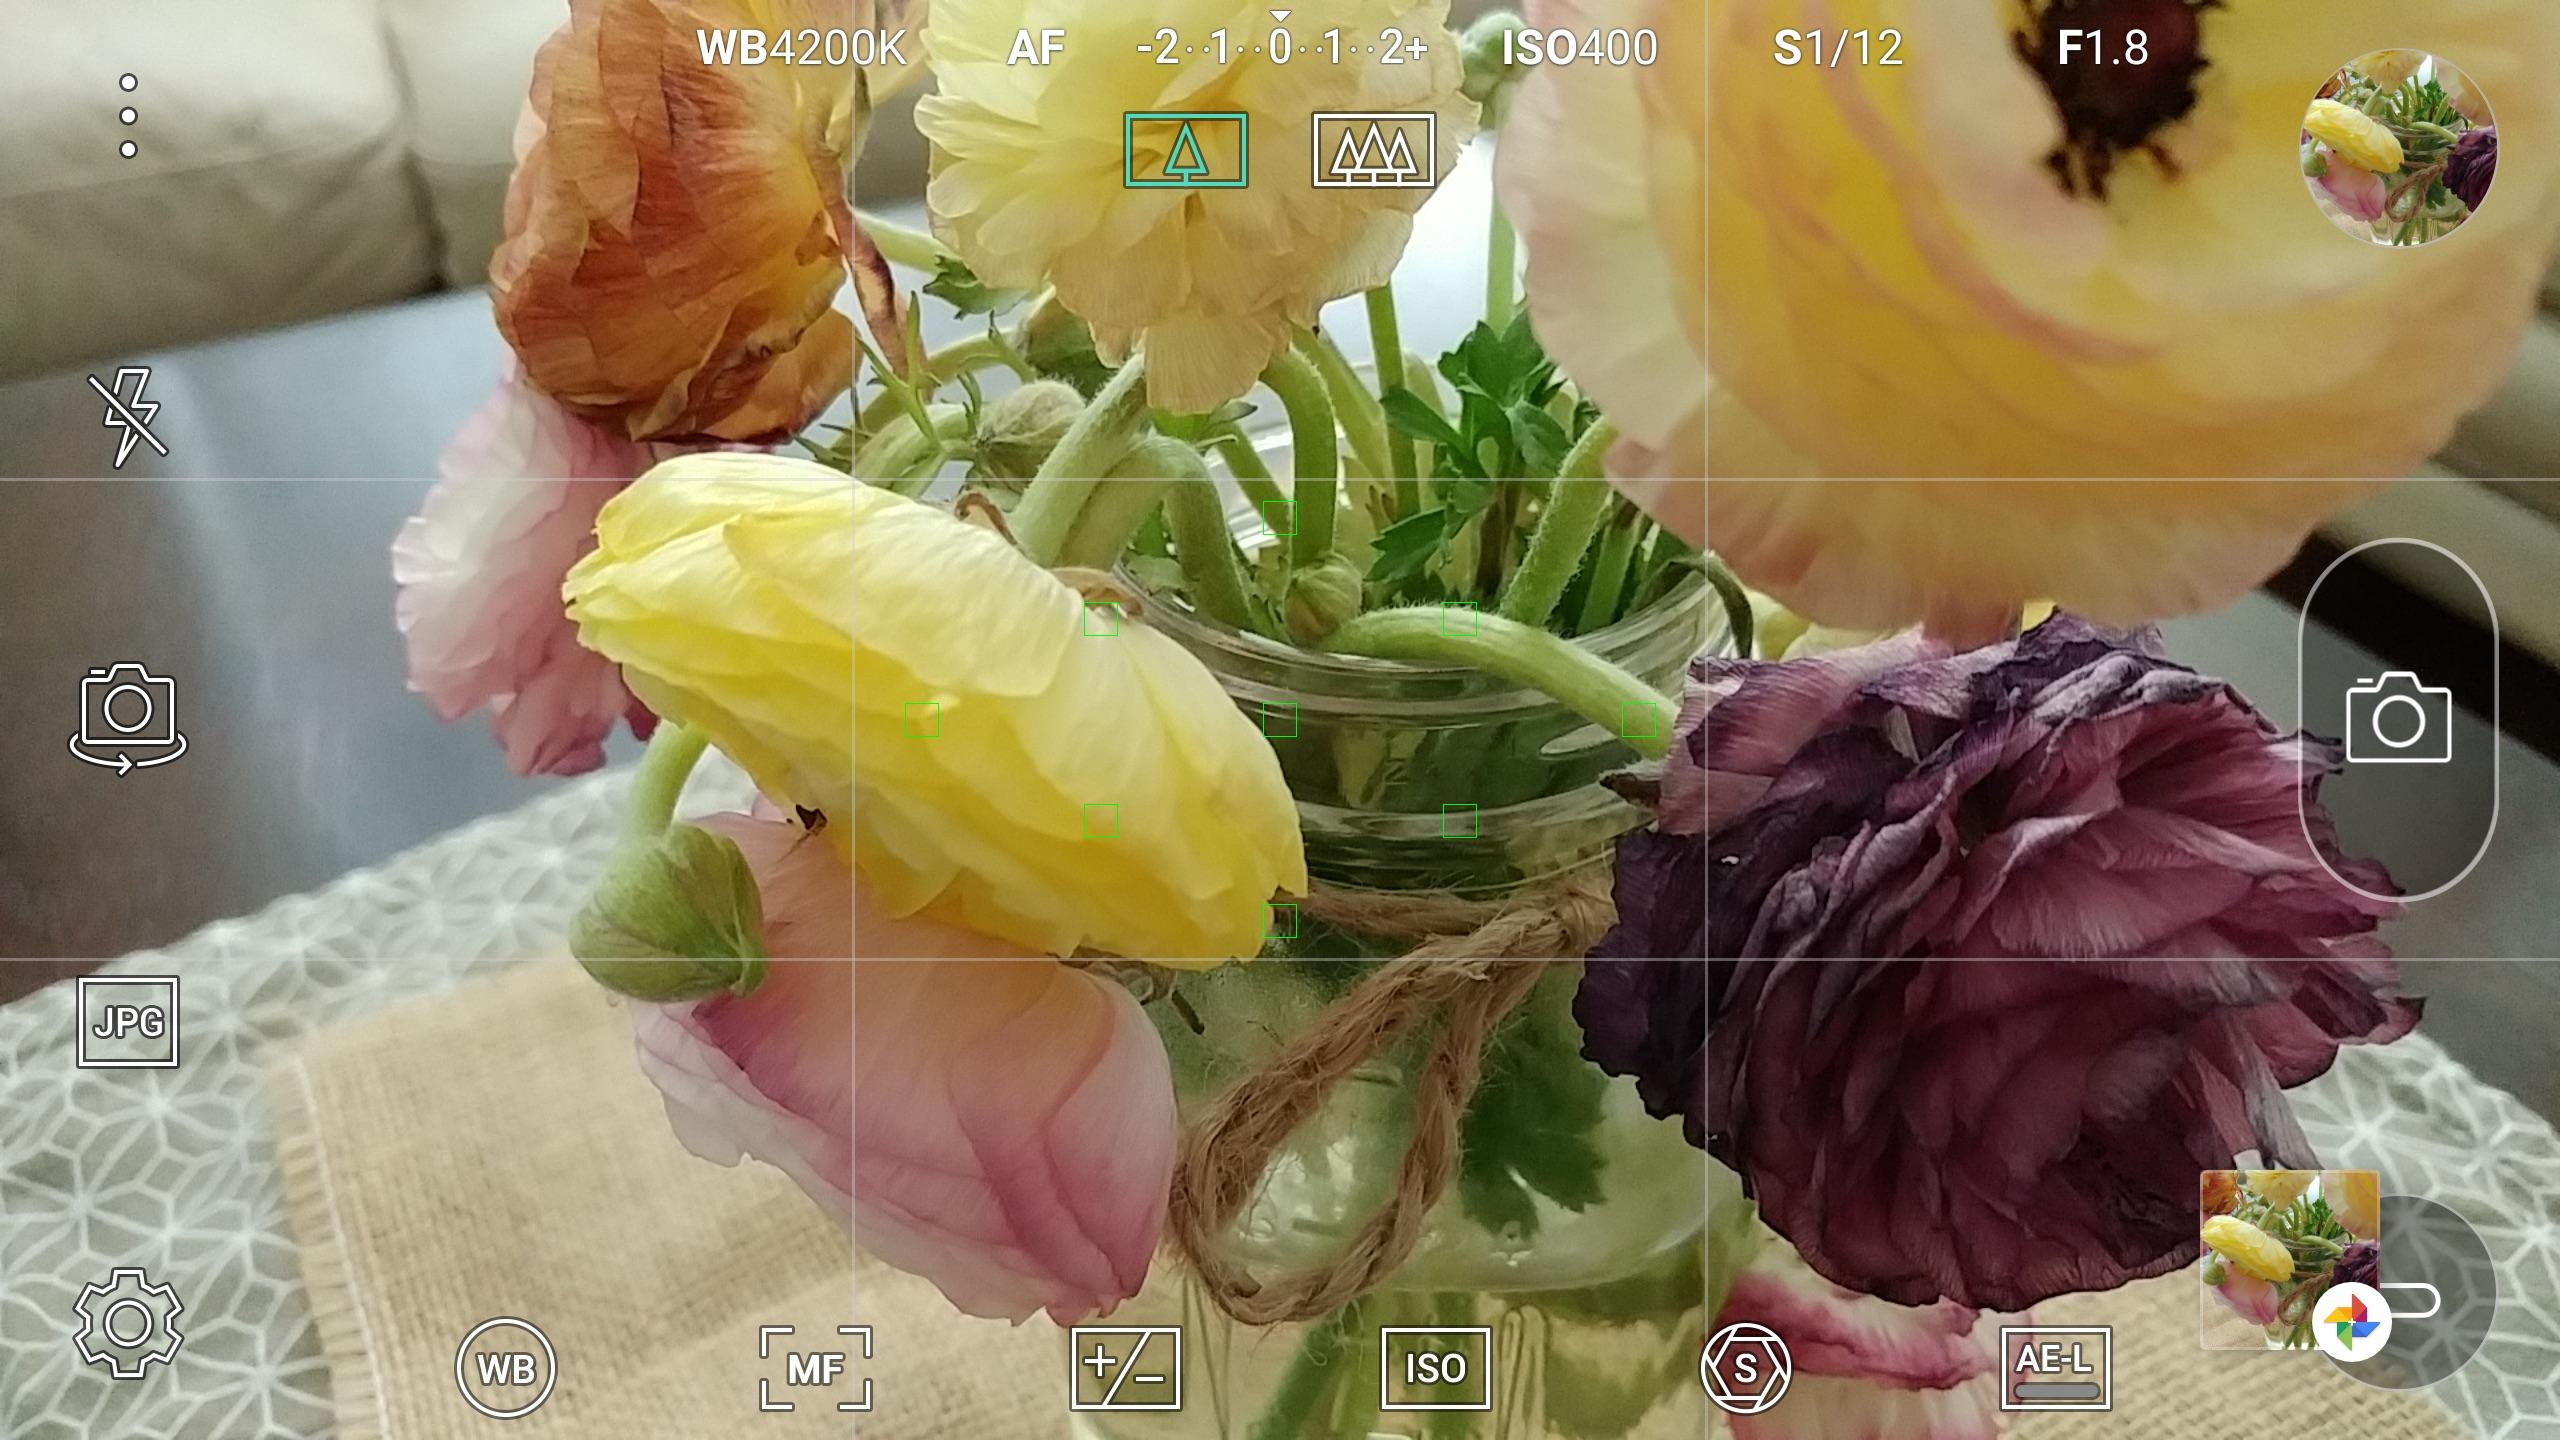 LG manual Camera